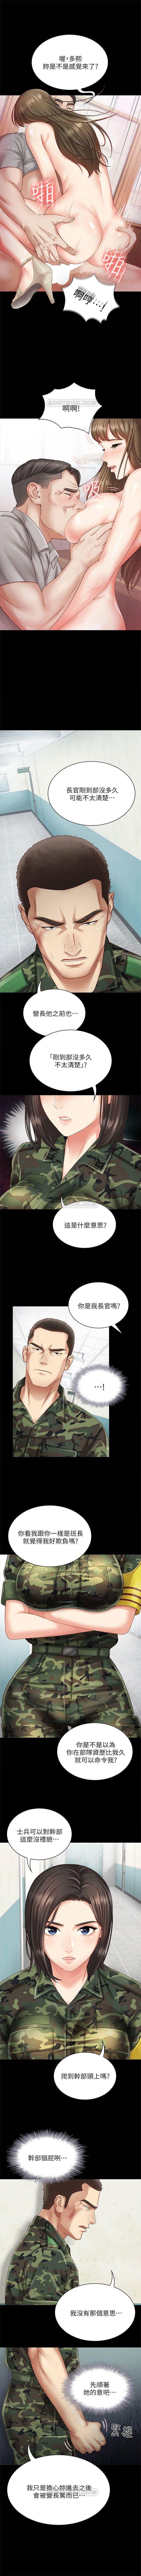 (週6)妹妹的義務 1-19 中文翻譯(更新中) 30